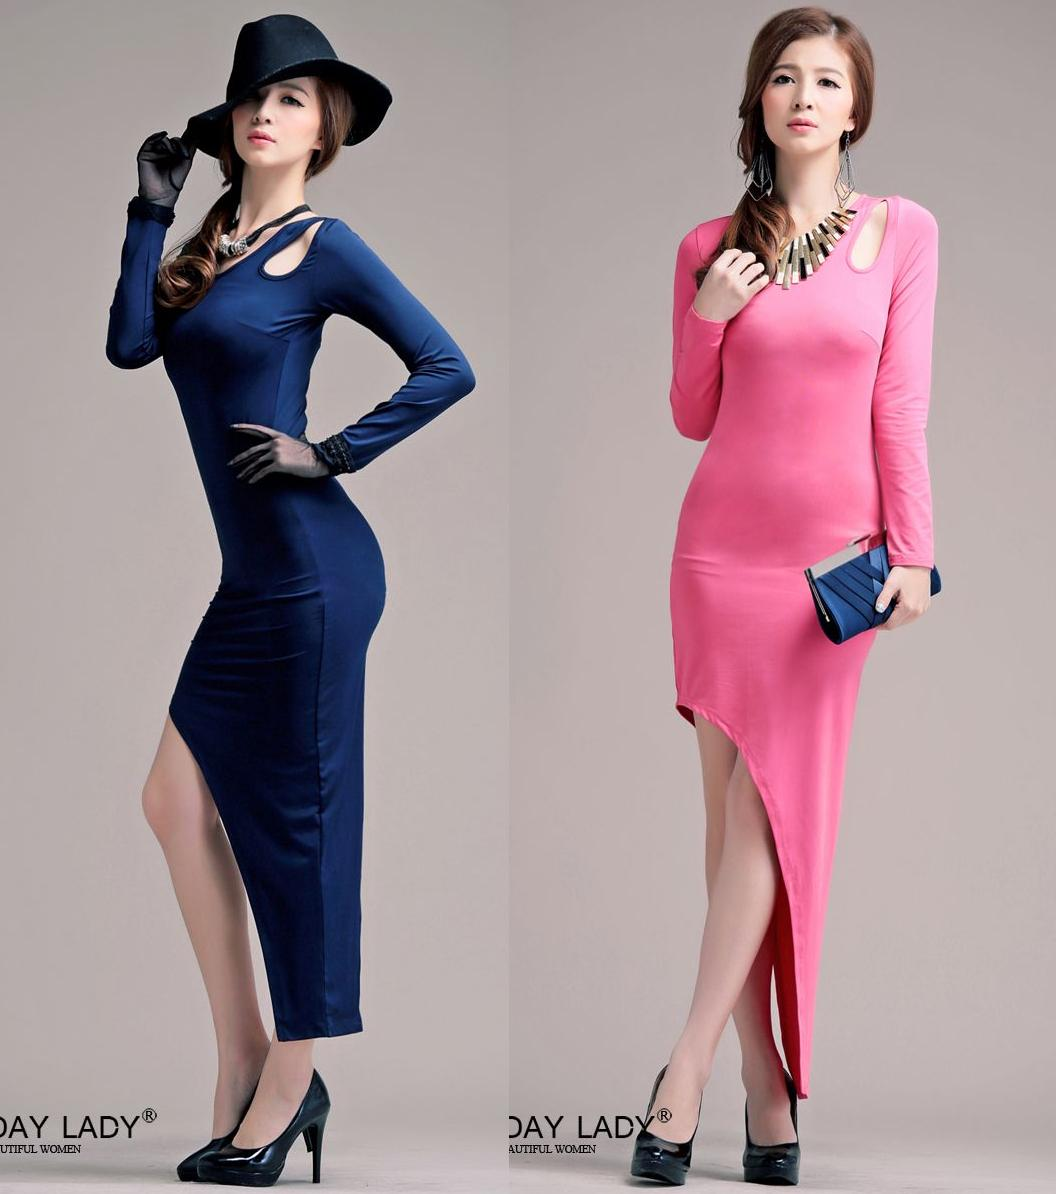 天使嫁衣【HLWM8002】2色中大尺碼水晶棉純色斜裙擺長洋裝禮服˙預購訂製款